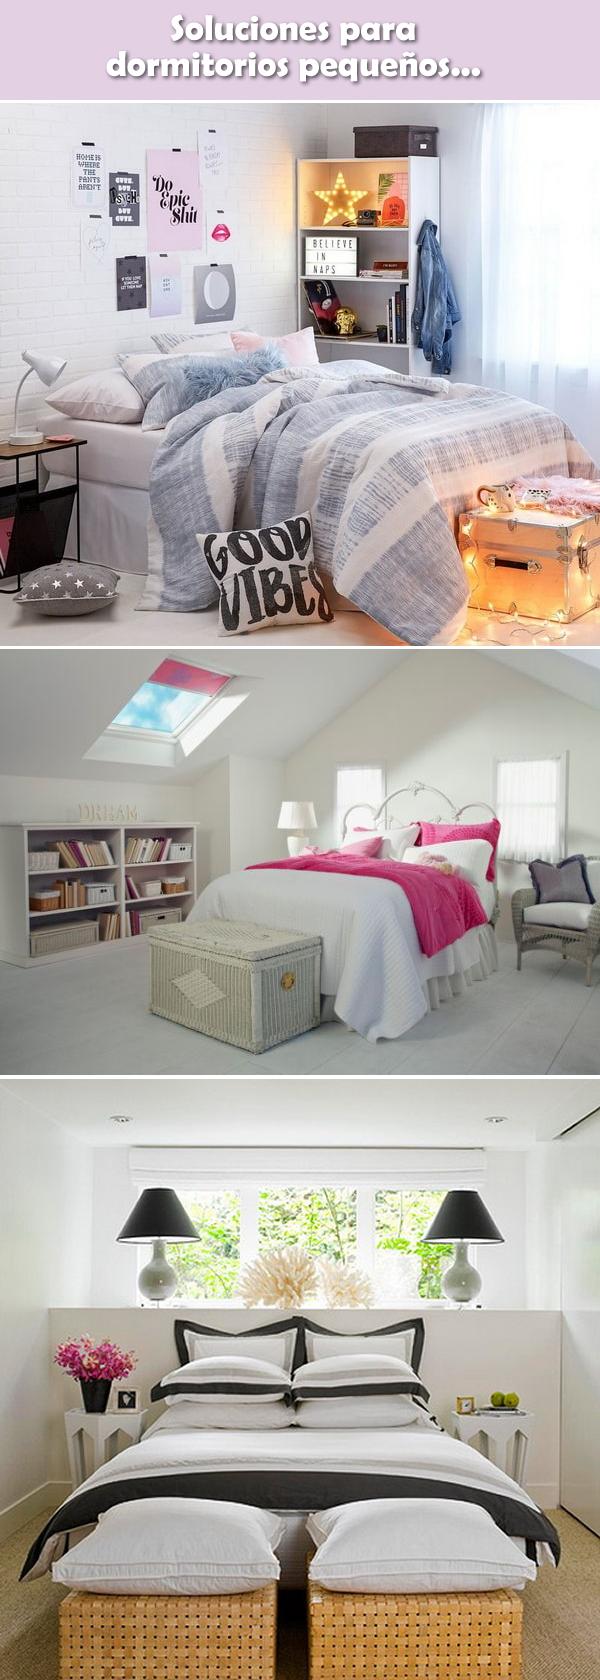 Soluciones para dormitorios peque os decoraci n de for Dormitorios para habitaciones pequenas